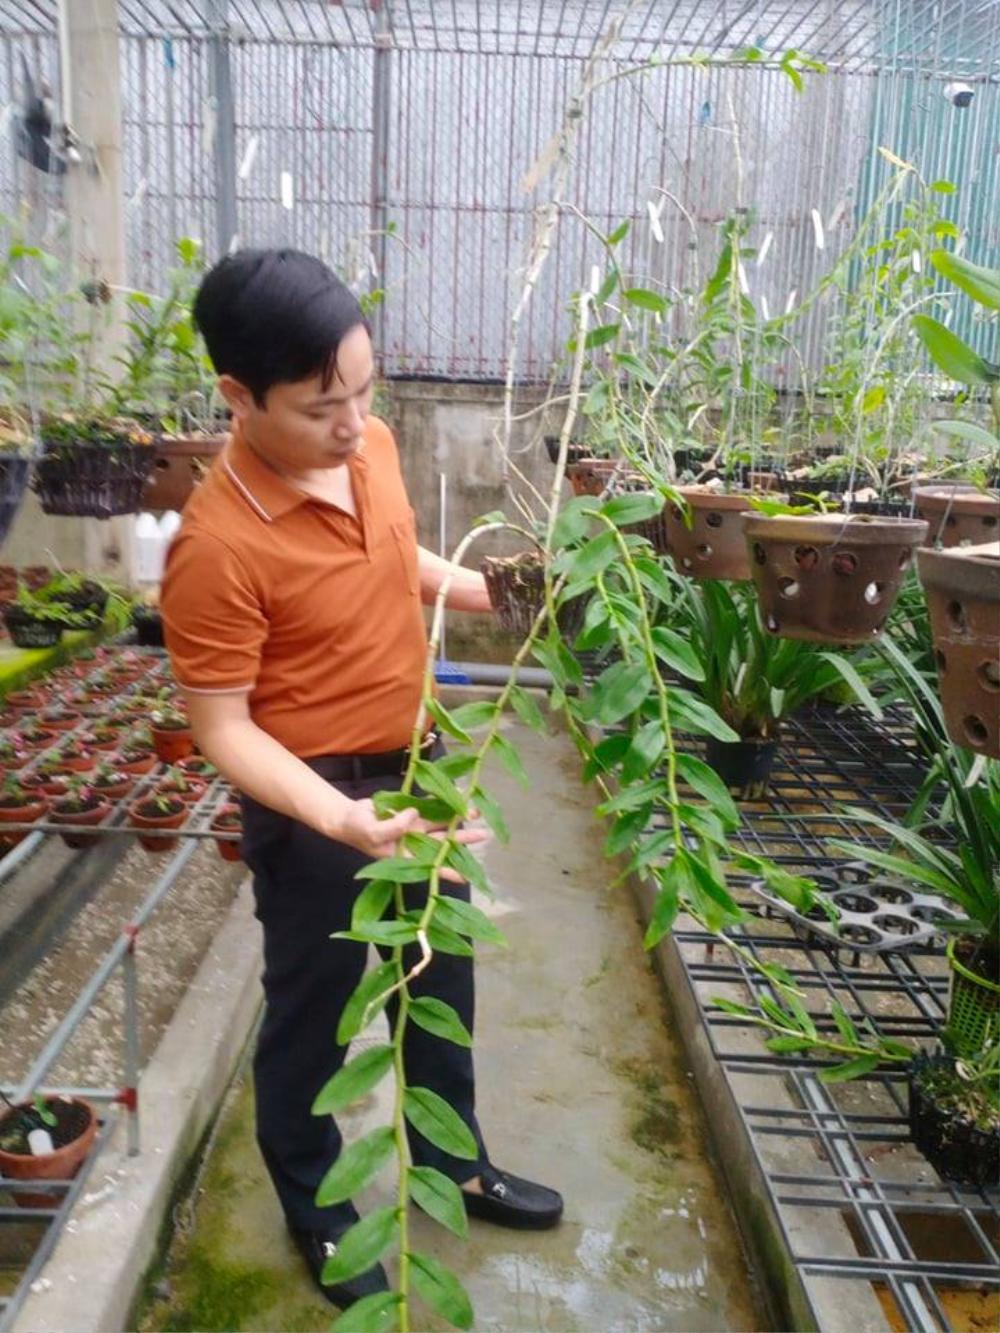 Ông chủ 7X Mạnh Hùng và bí quyết thành công khi trồng lan Ảnh 3